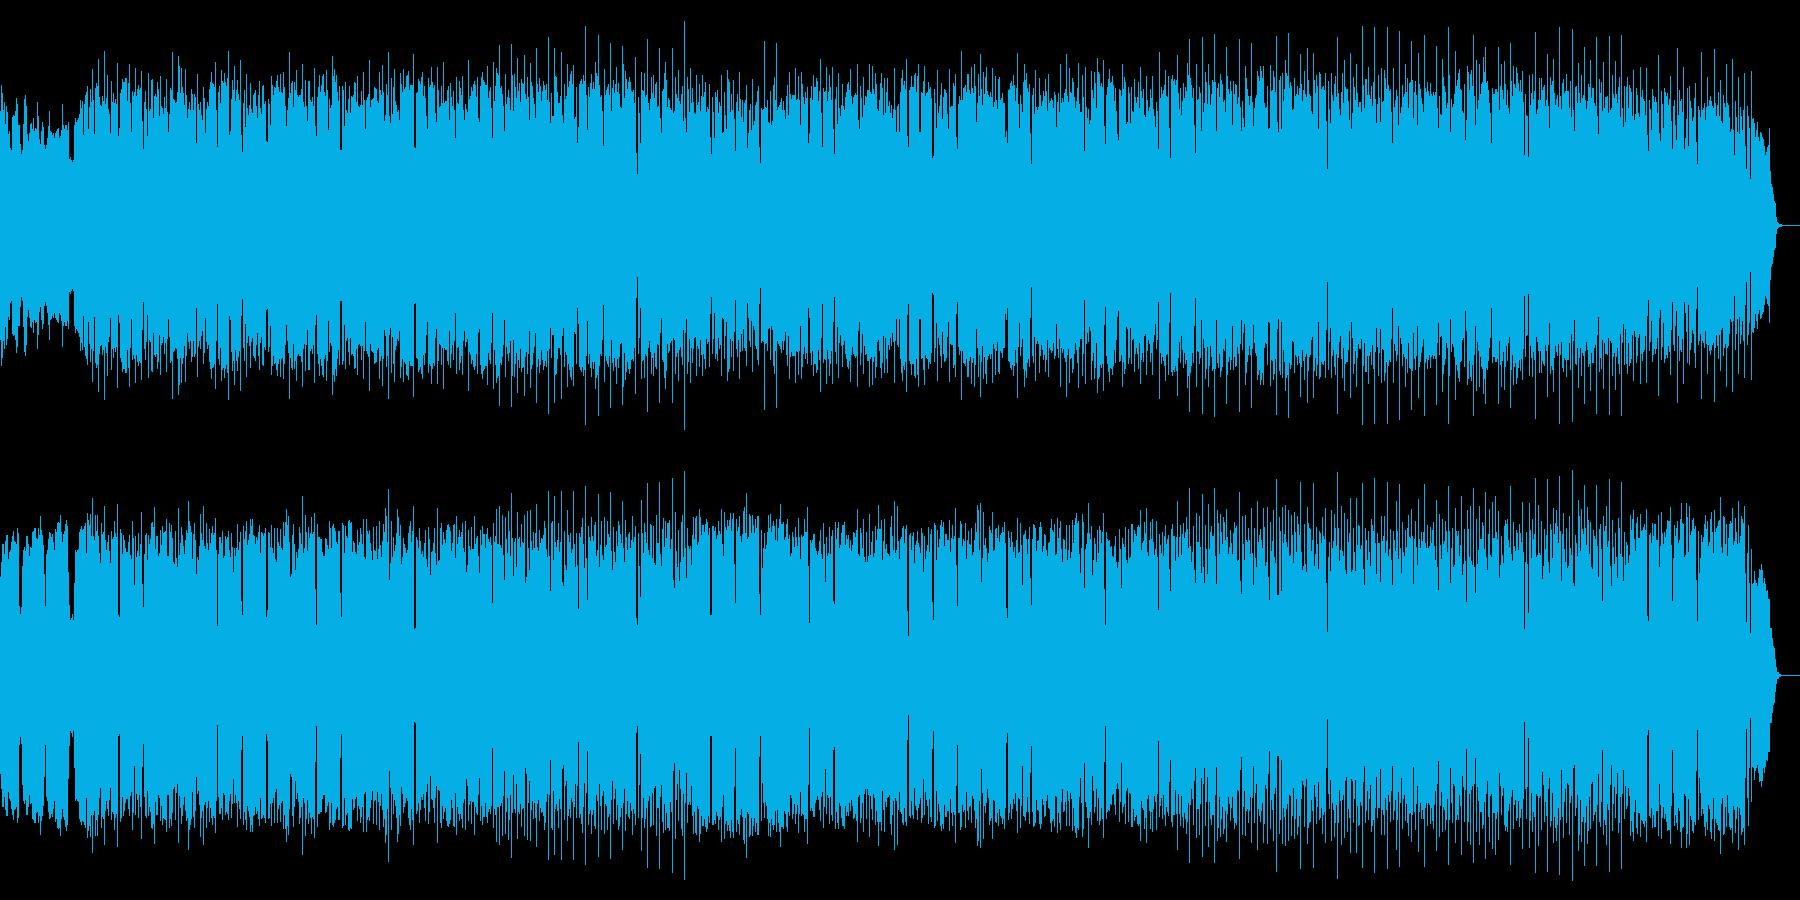 フルートの清々しい旋律で包み込む様な楽曲の再生済みの波形